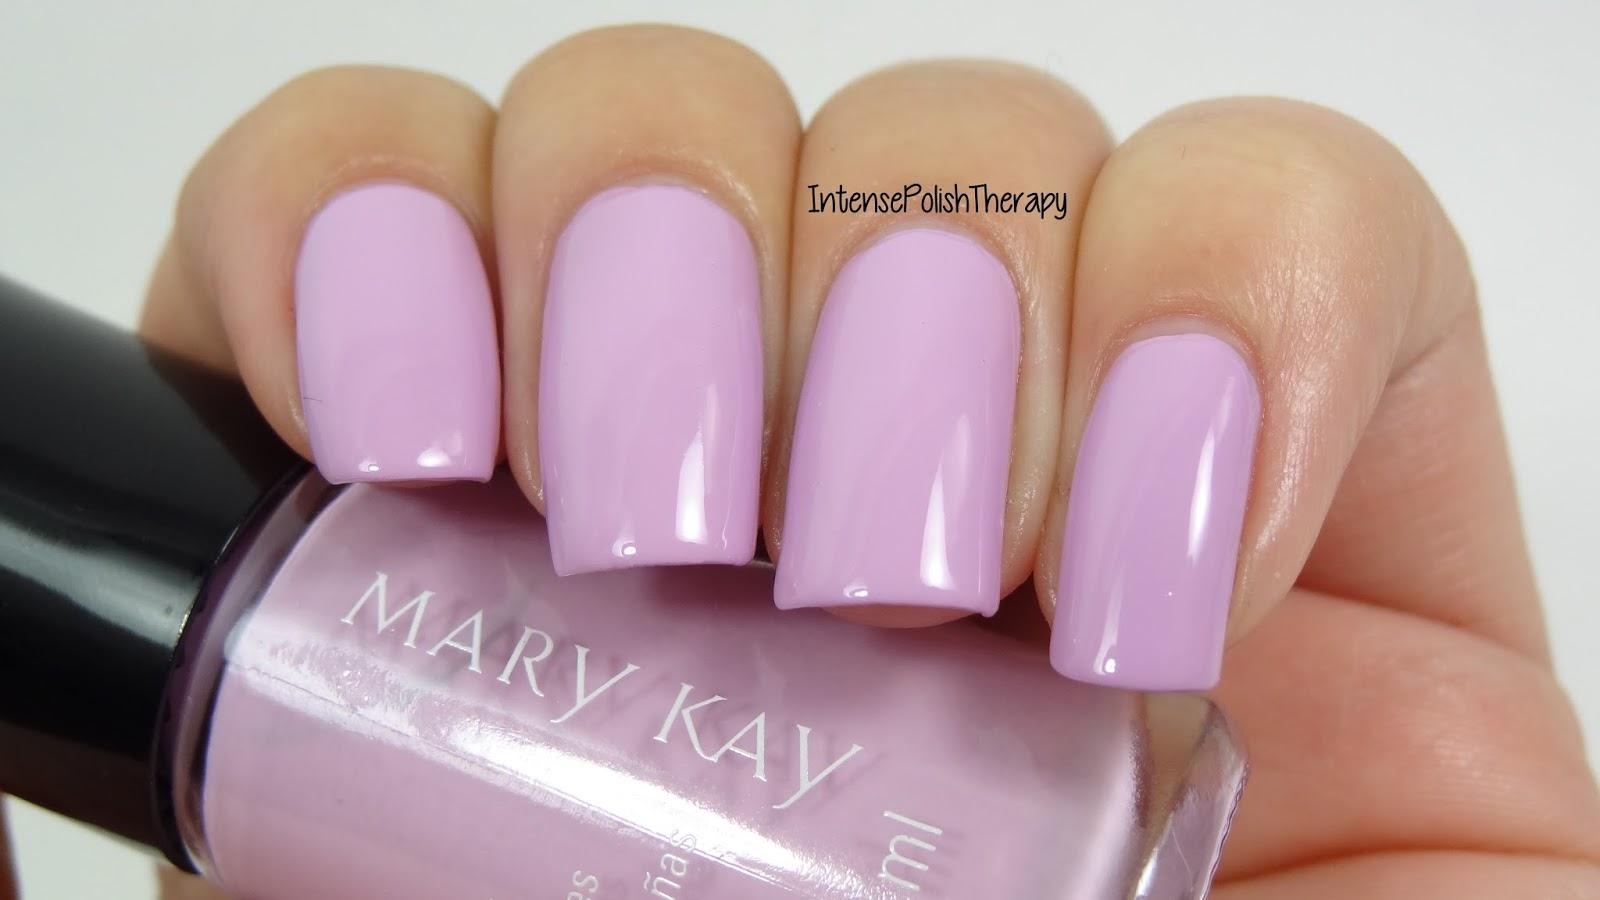 Intense Polish Therapy: Mary Kay Spring 2017 Nail Polishes